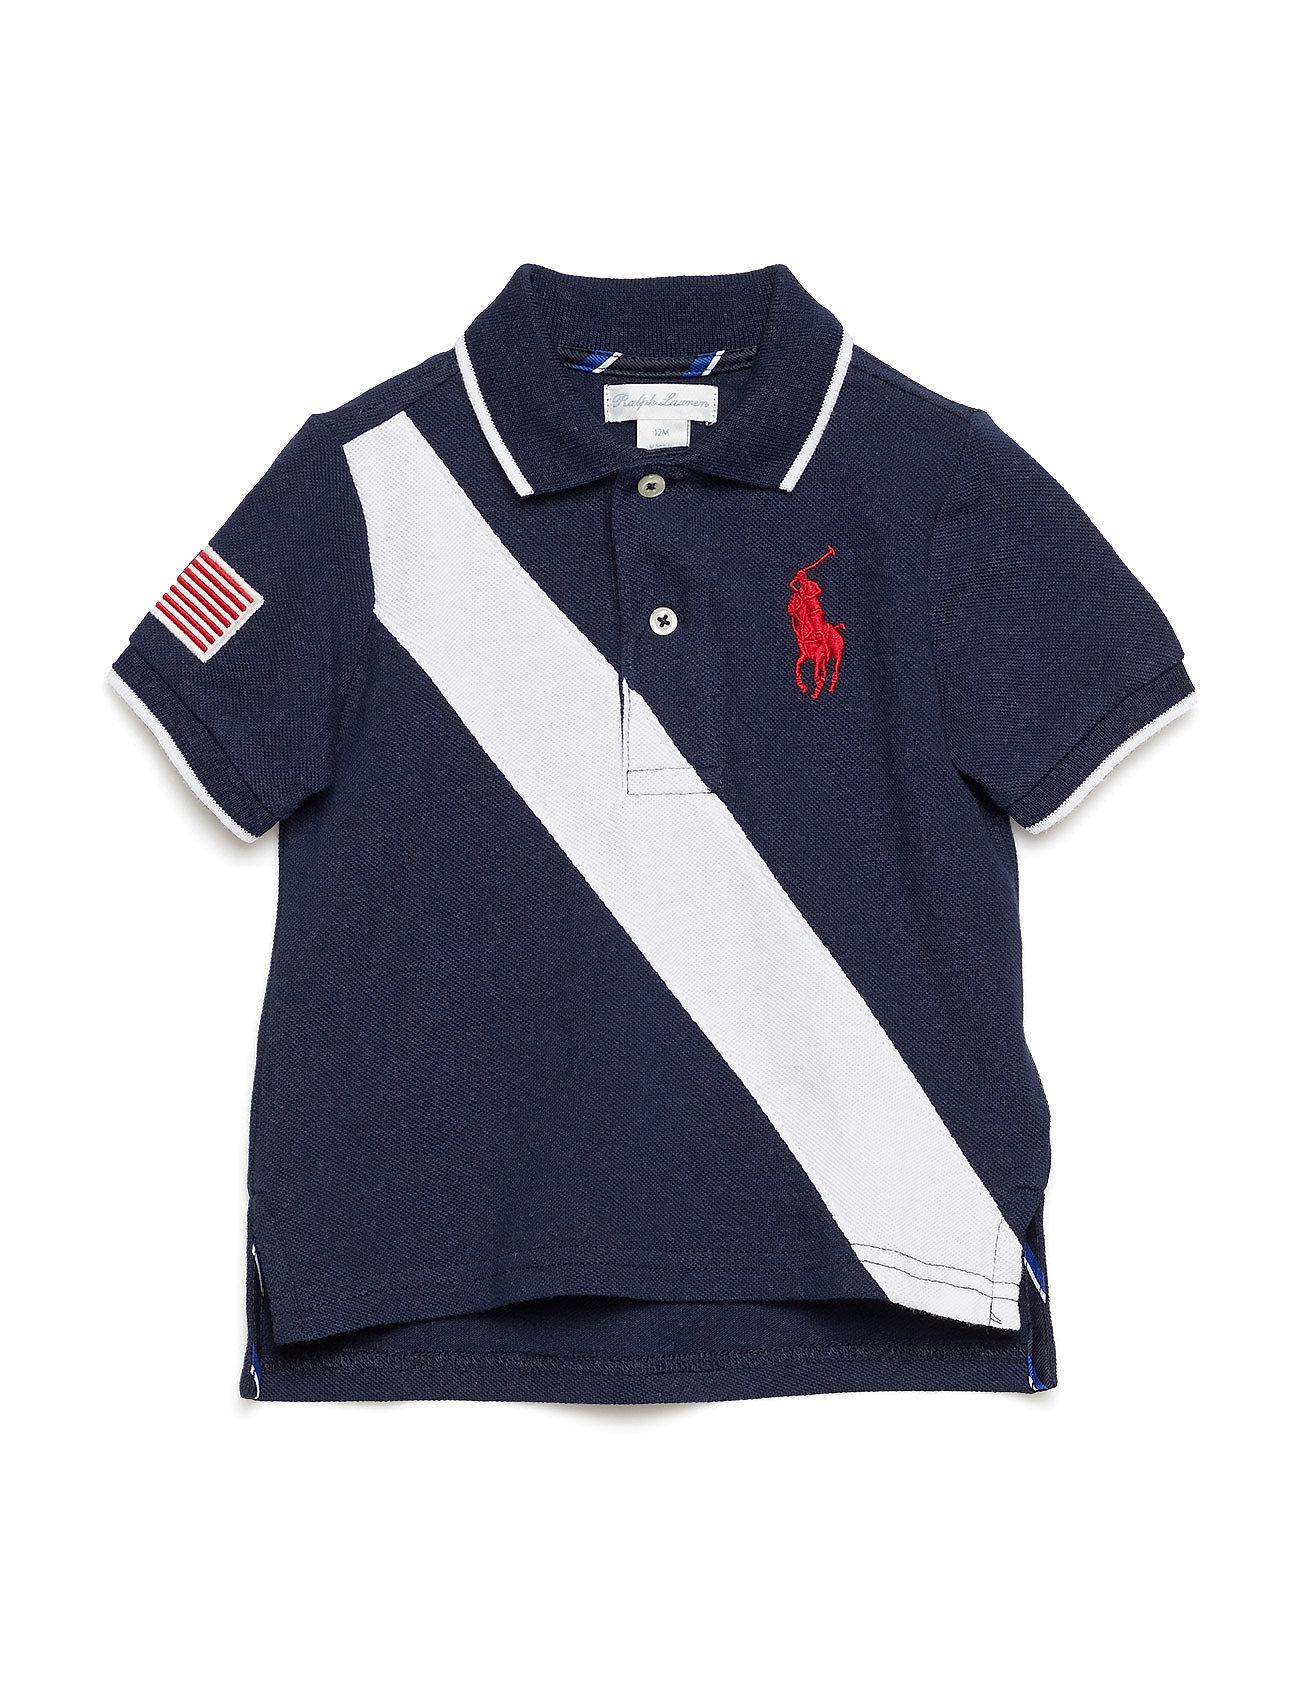 3300ea33c401a Cotton Mesh Polo Shirt (Cruise Navy) (27.50 €) - Ralph Lauren Baby ...